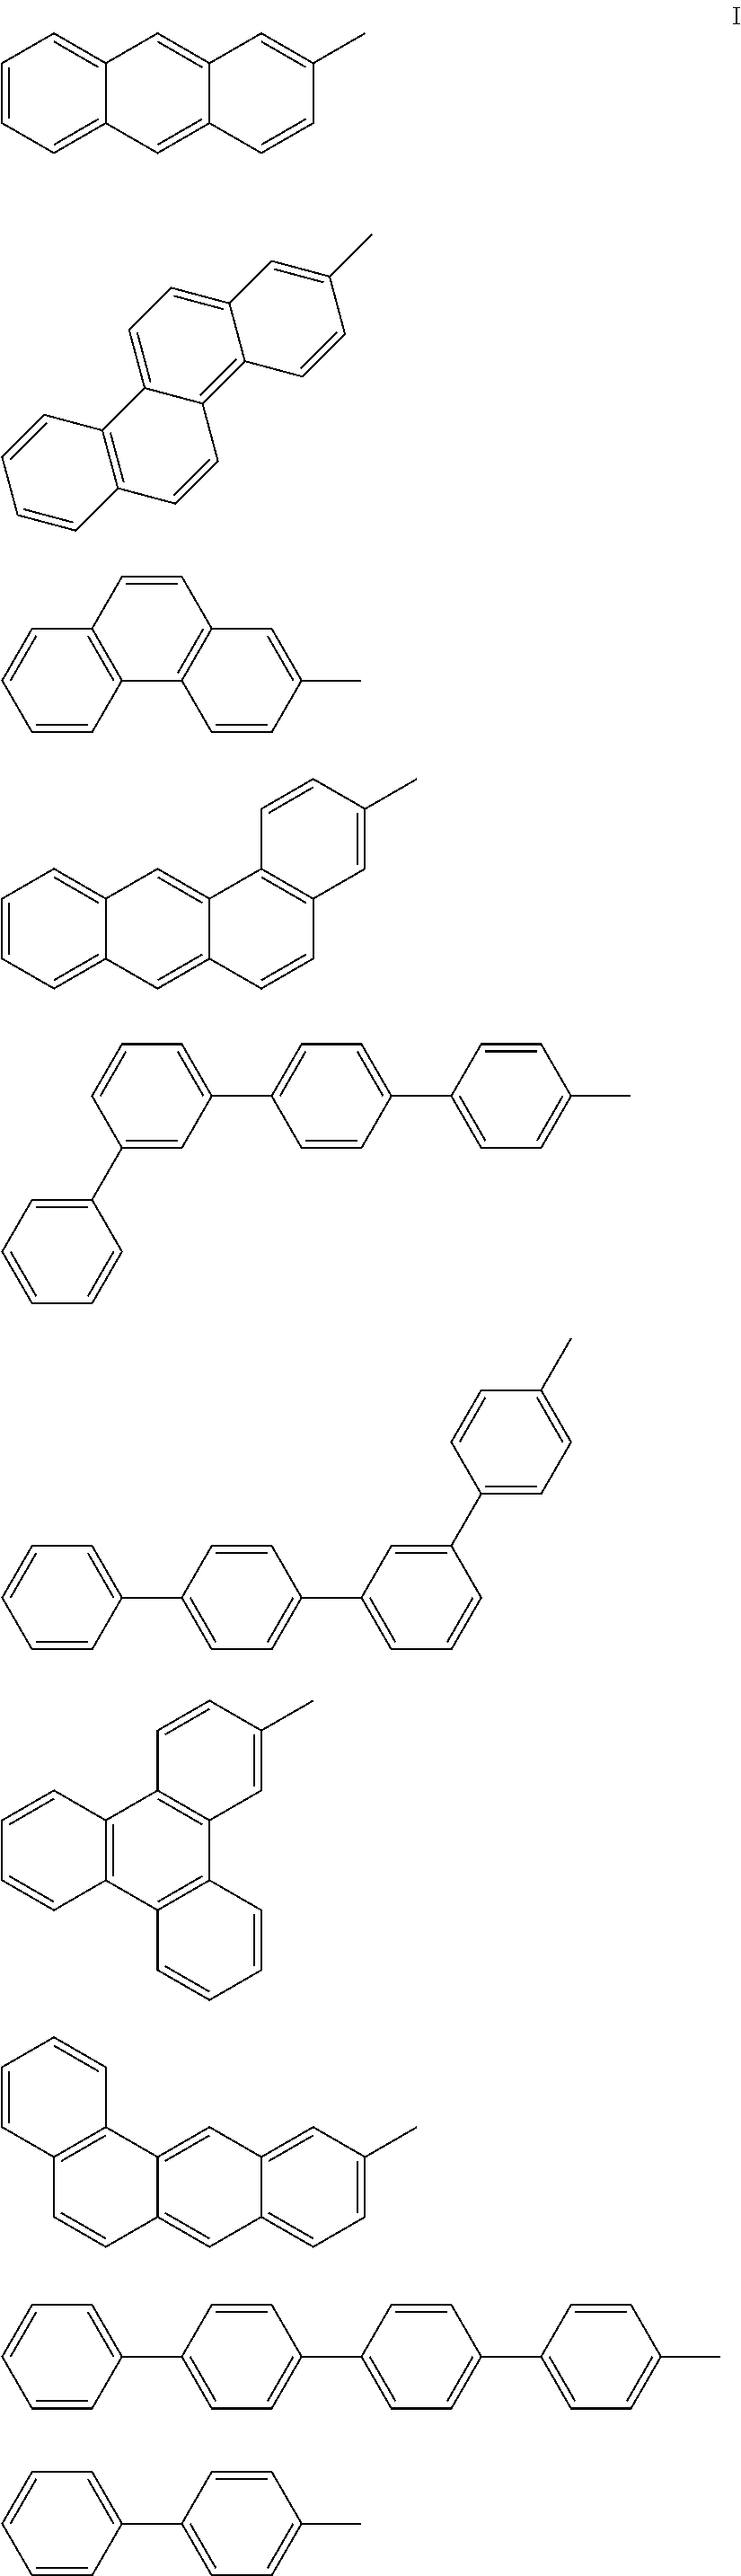 Figure US08501892-20130806-C00003